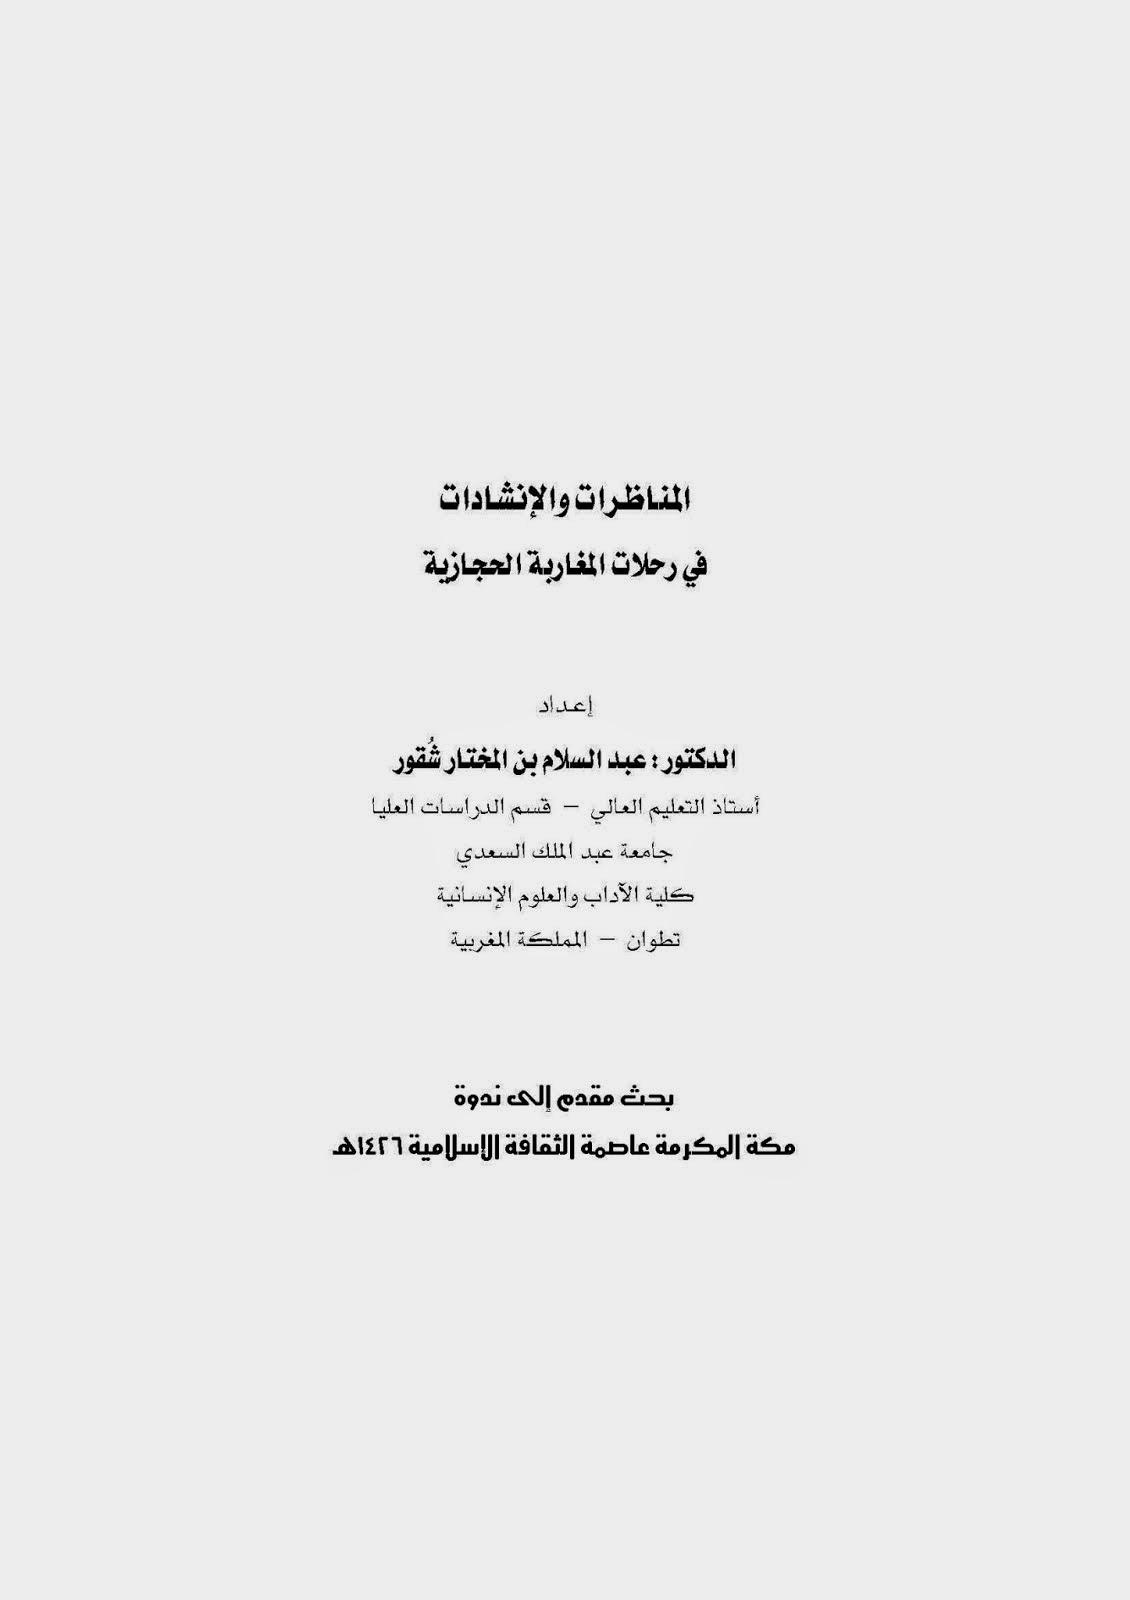 المناظرات والإنشادات في رحلات المغاربة الحجازية لـ الدكتور عبد السلام بن المختار شقور